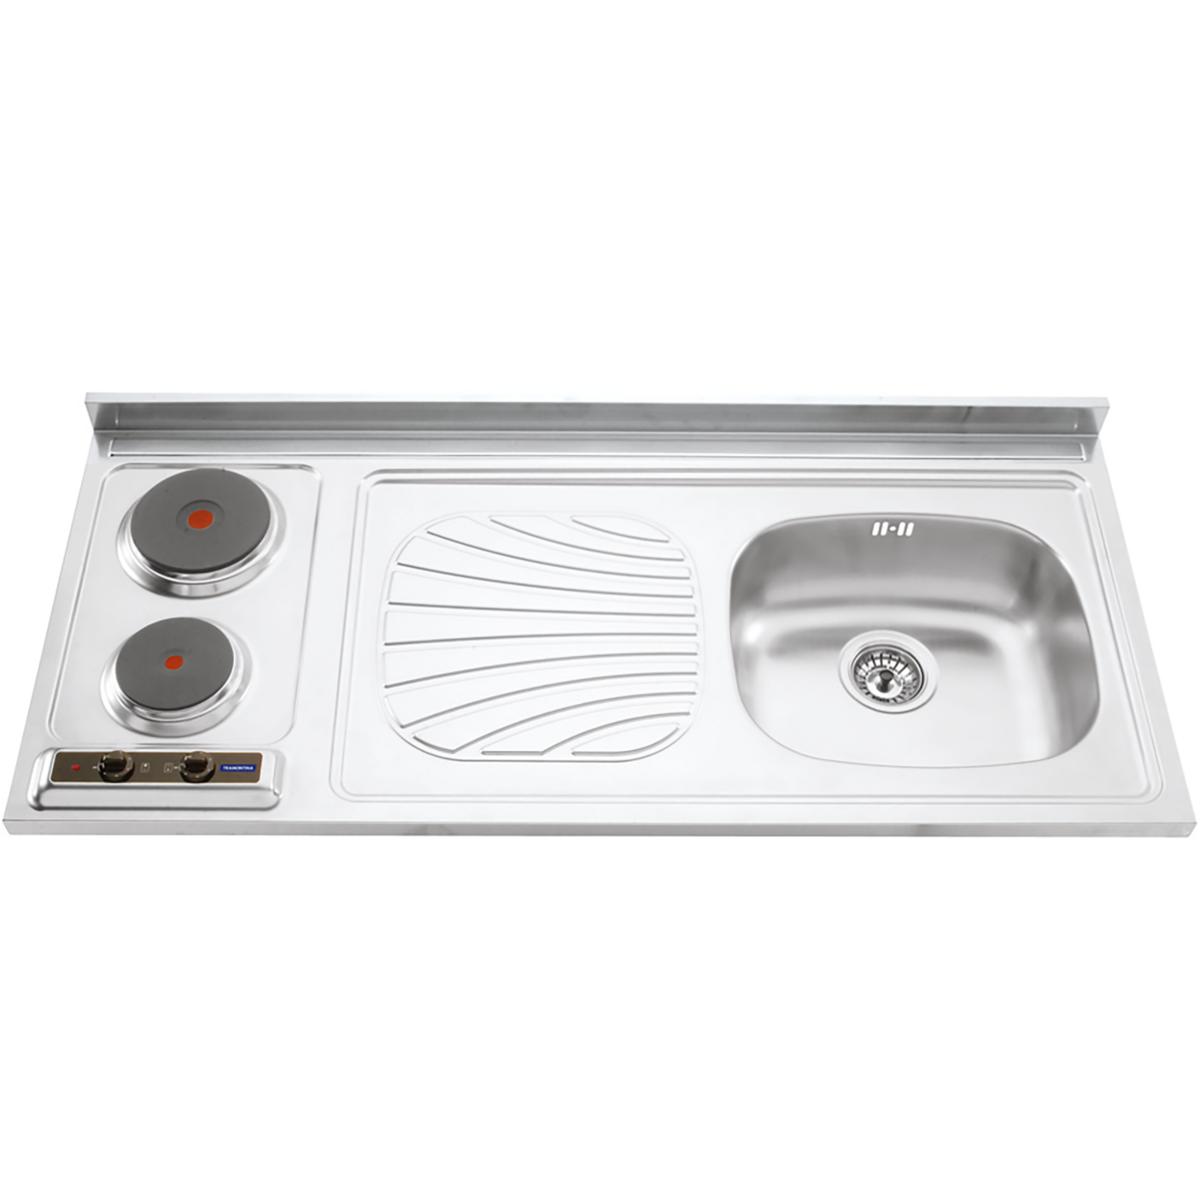 Tramontina - fregaderos + cocina en acero inoxidable 120 x 55 cm